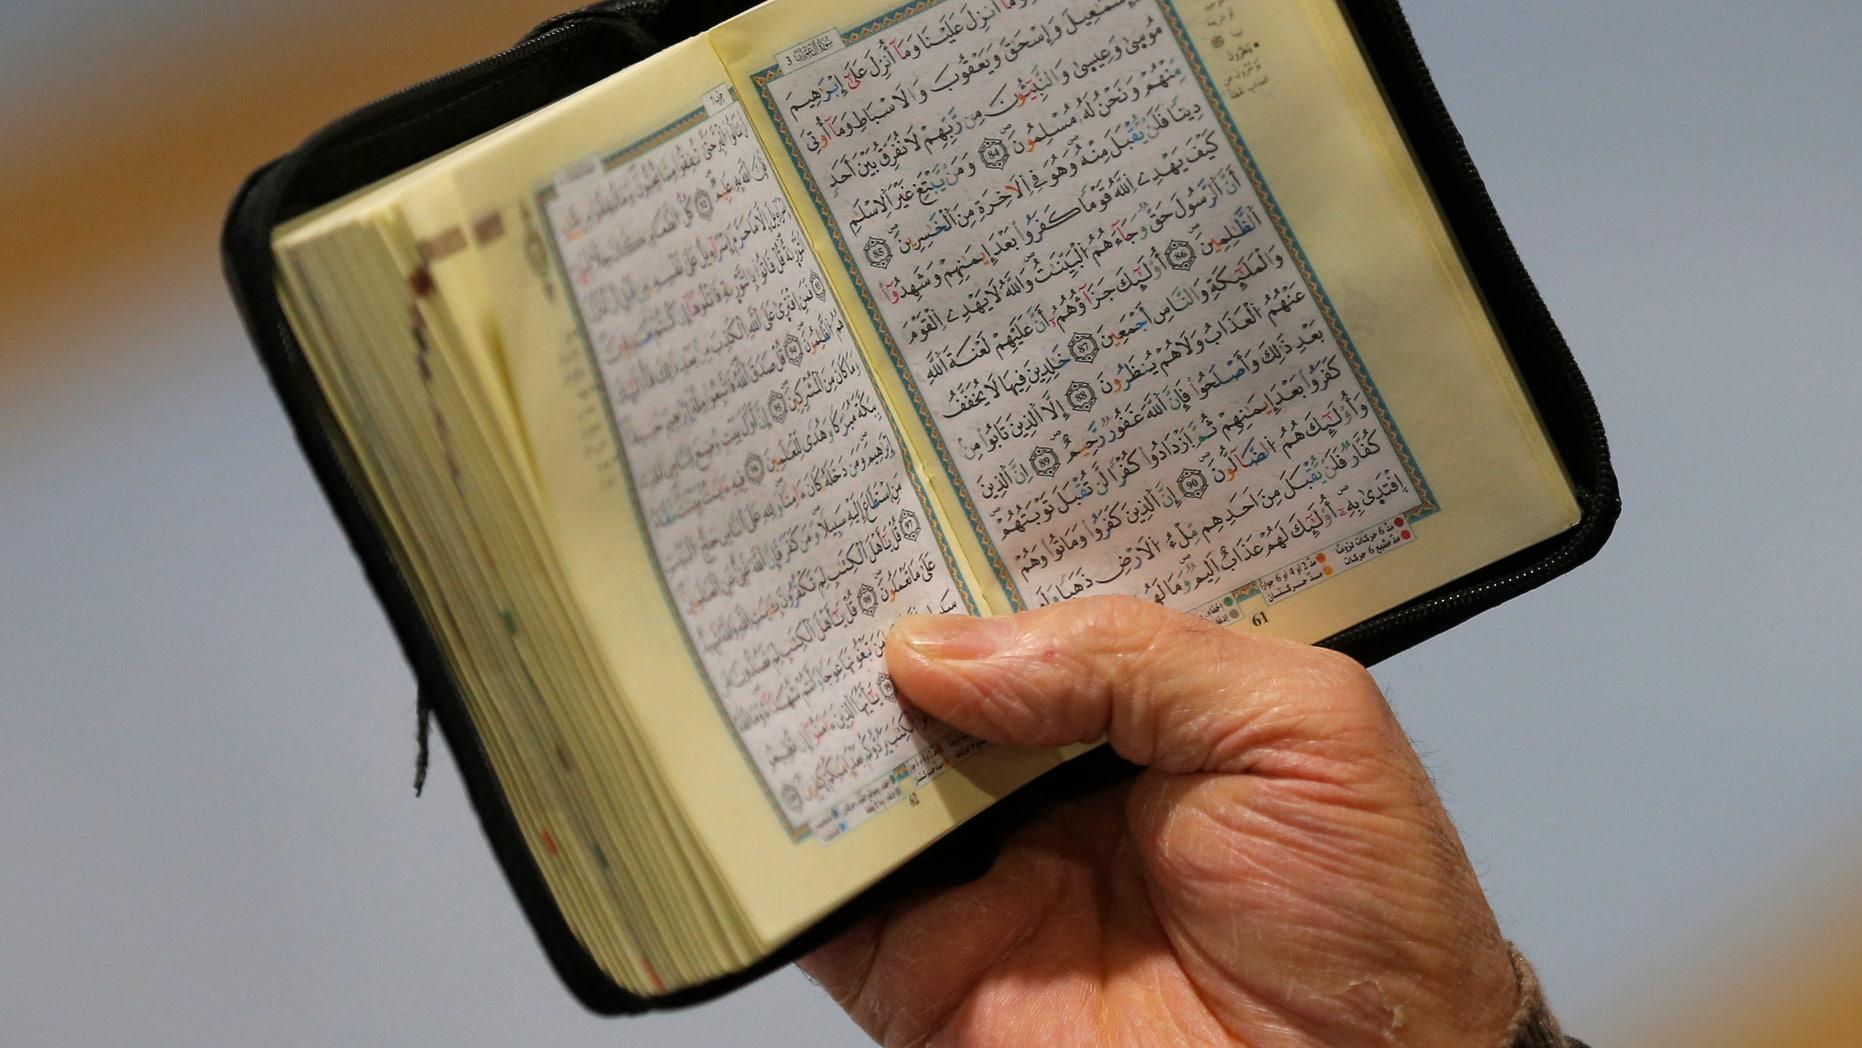 Jan. 8, 2016: File photo of the Koran. (REUTERS)